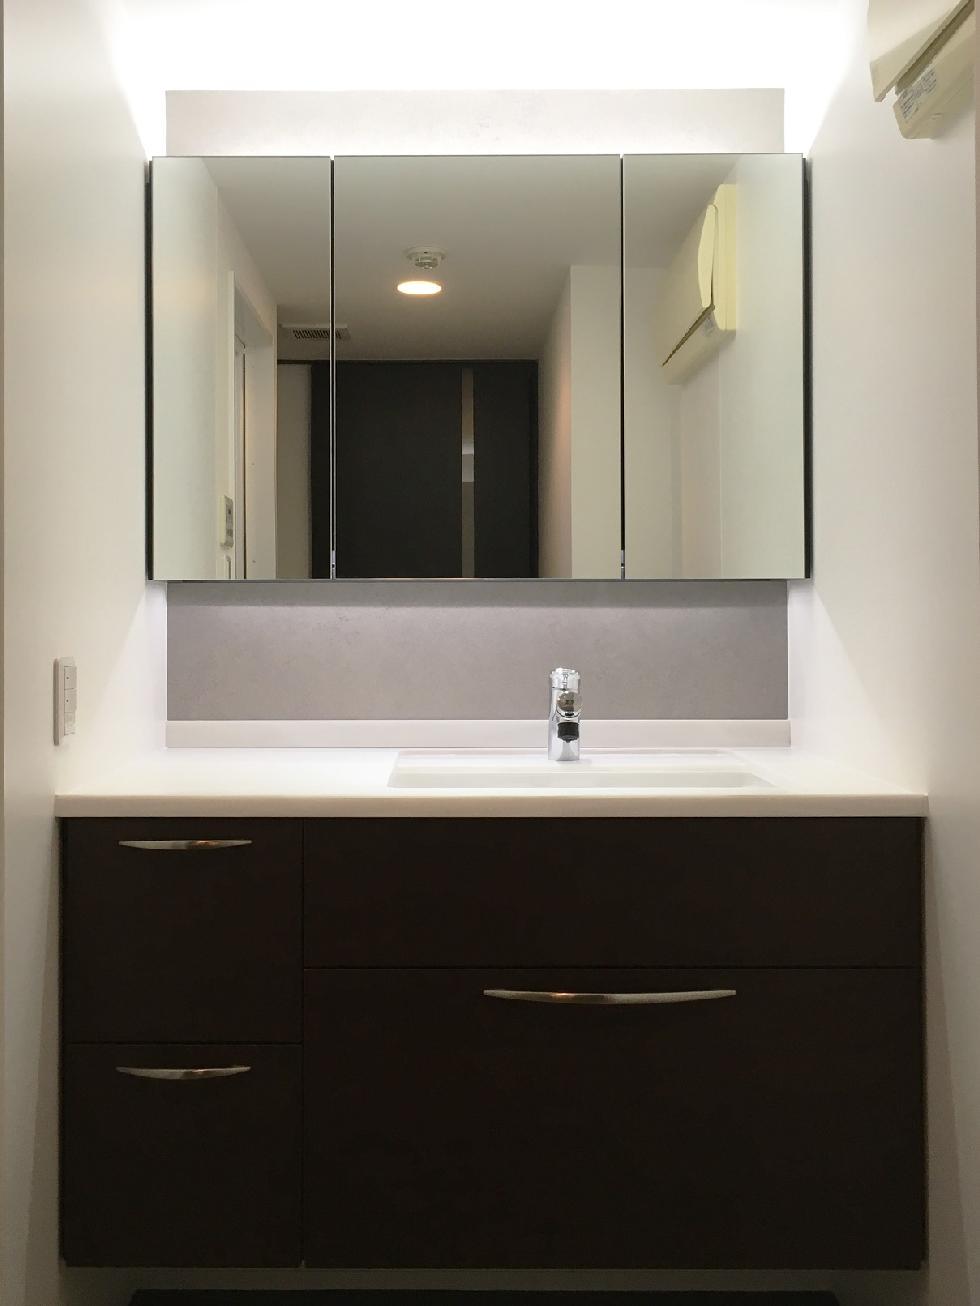 間接照明で演出された洗面化粧台